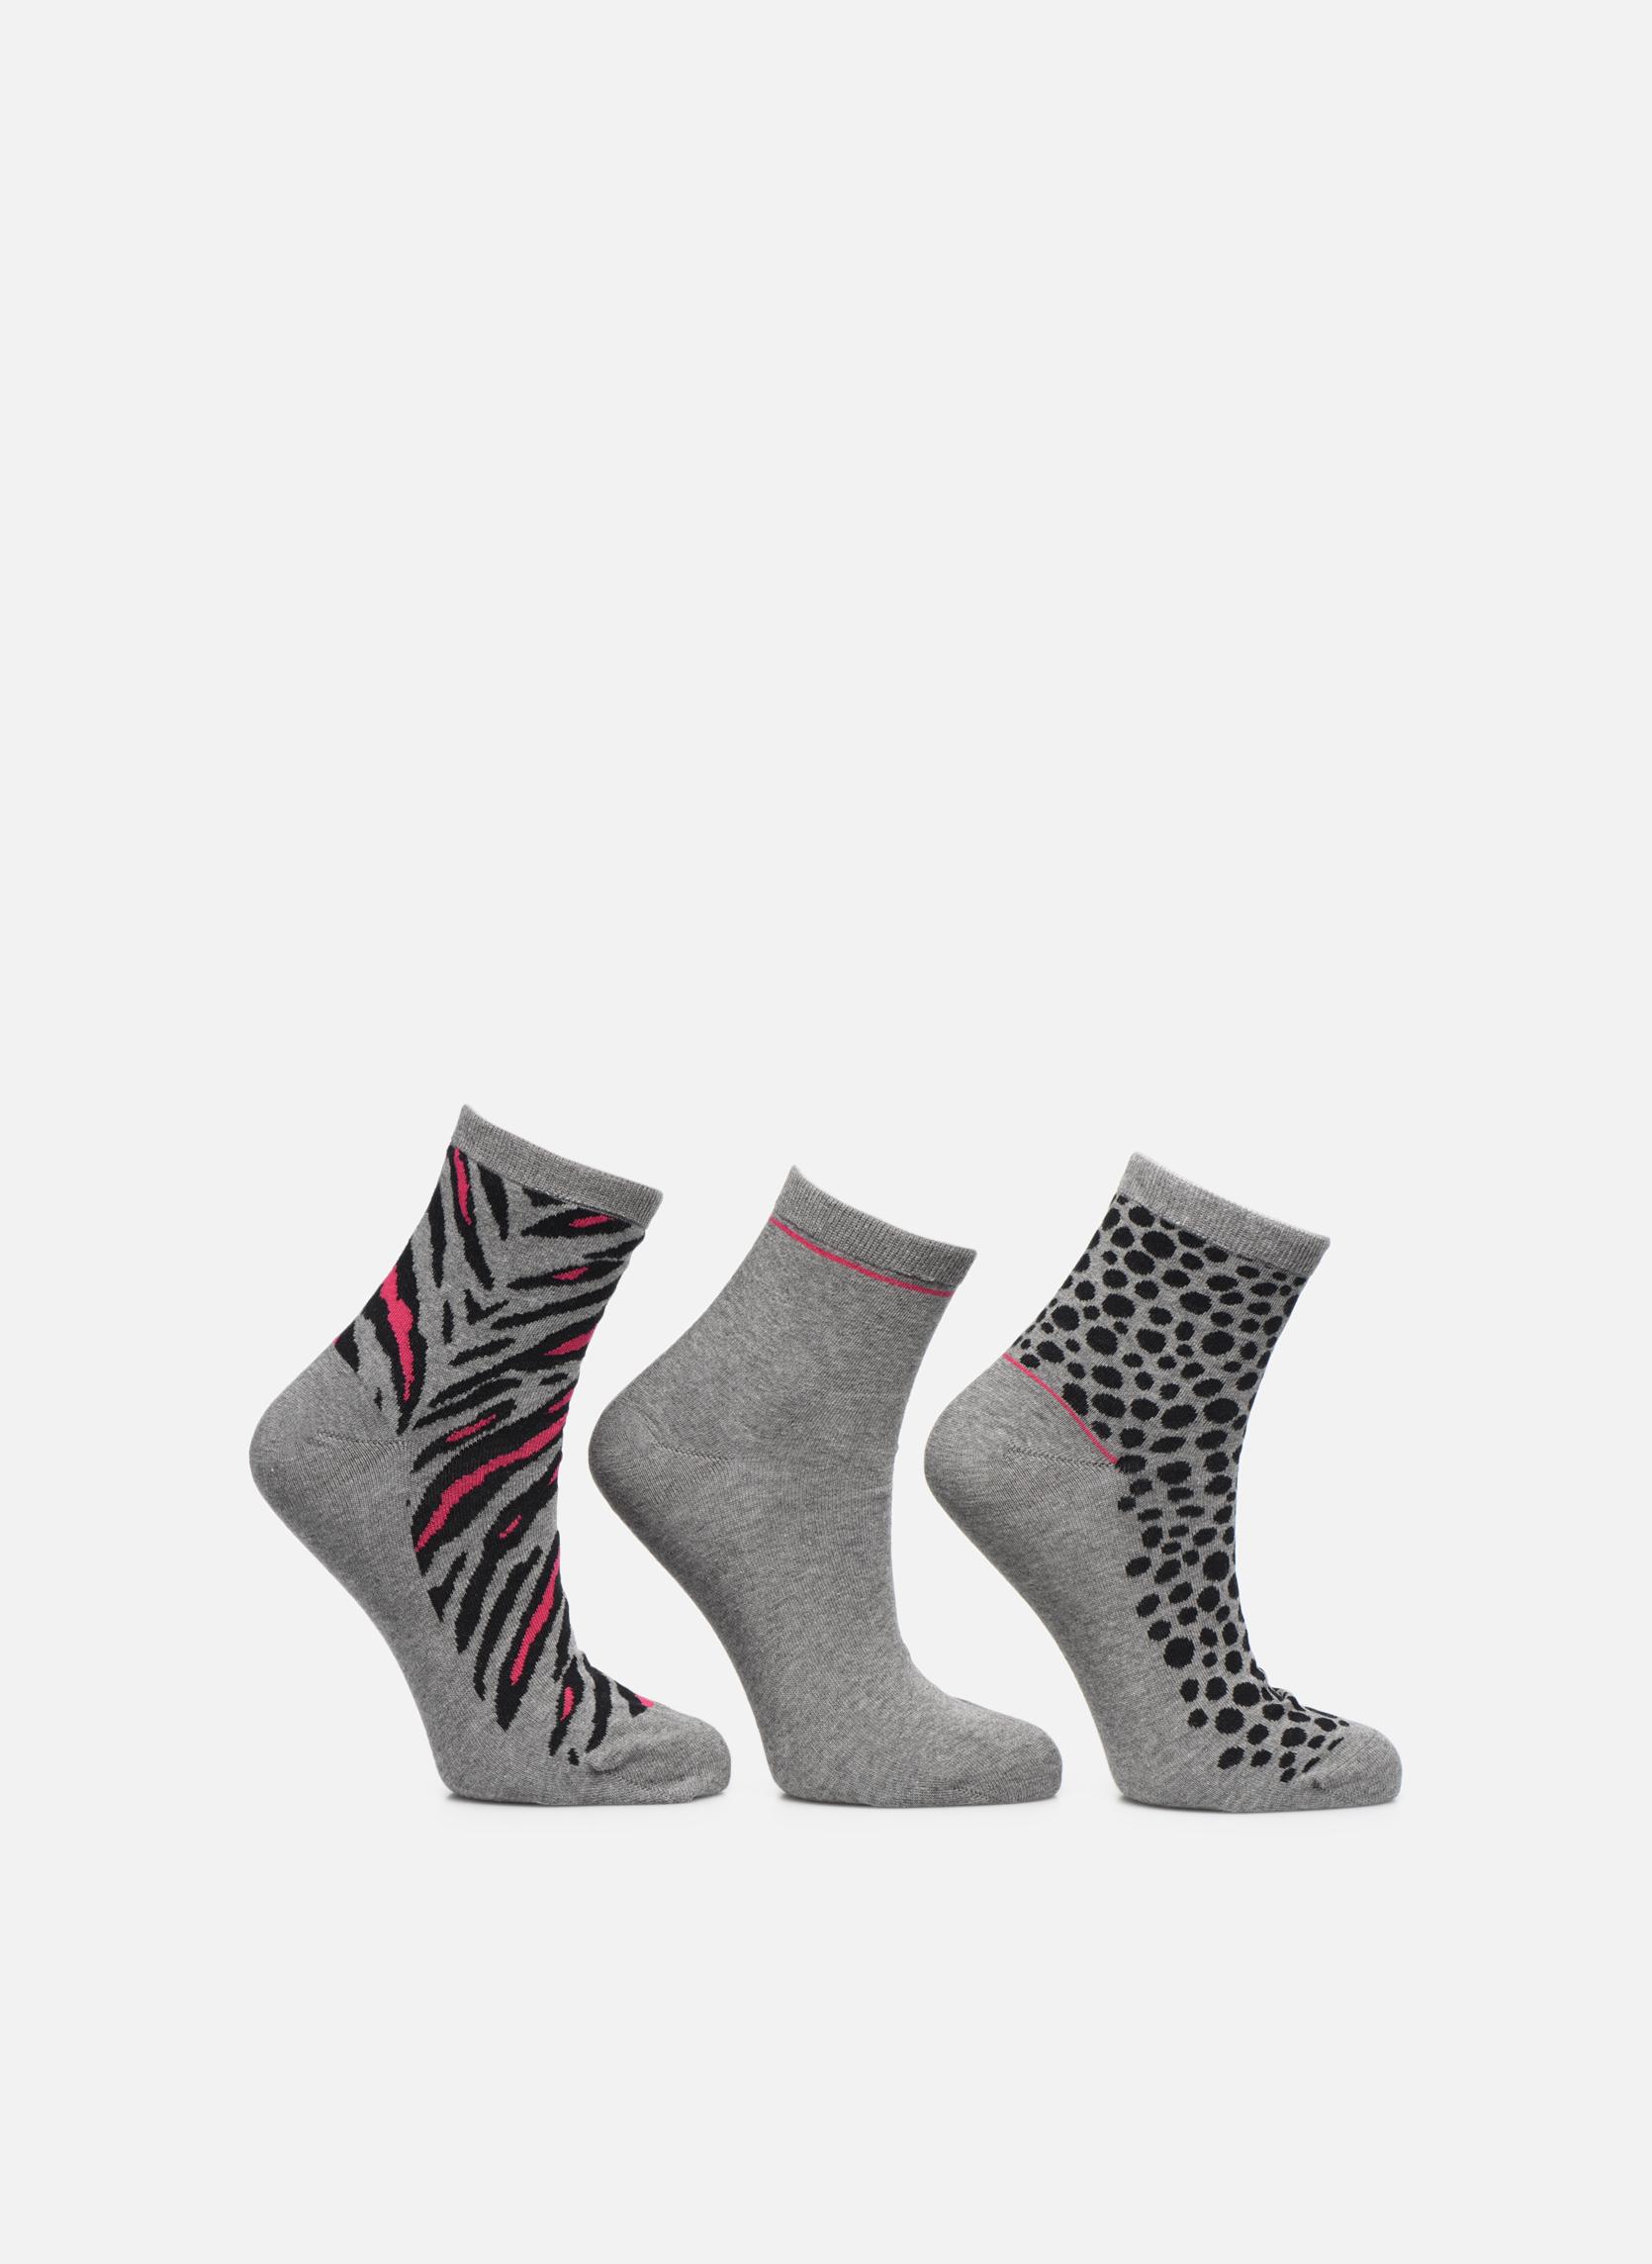 Chaussettes motif Pack de 3 femme coton Gris